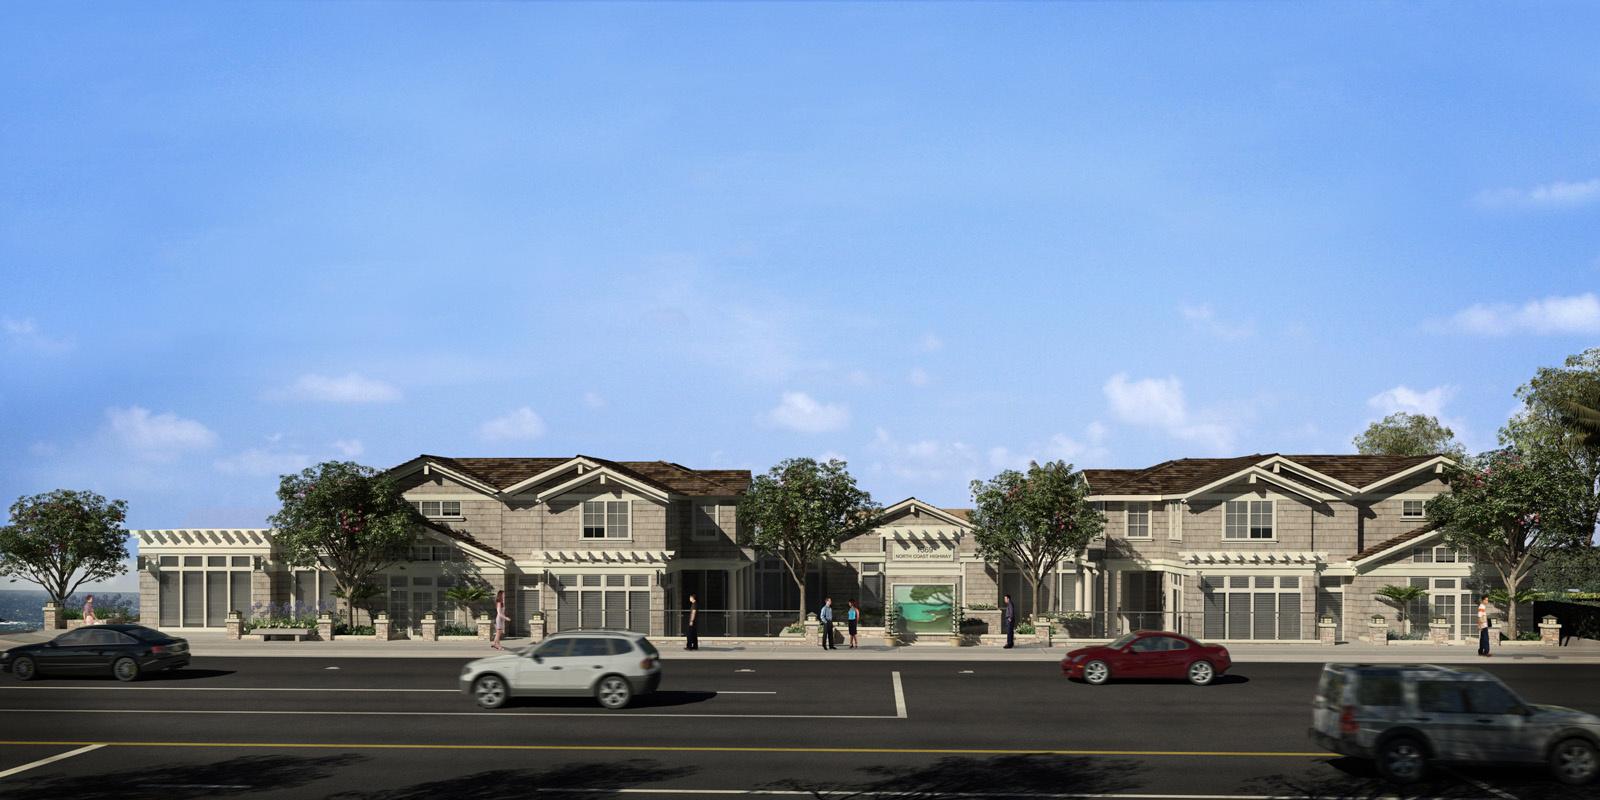 1369-nc-v2-streetview-web.jpg